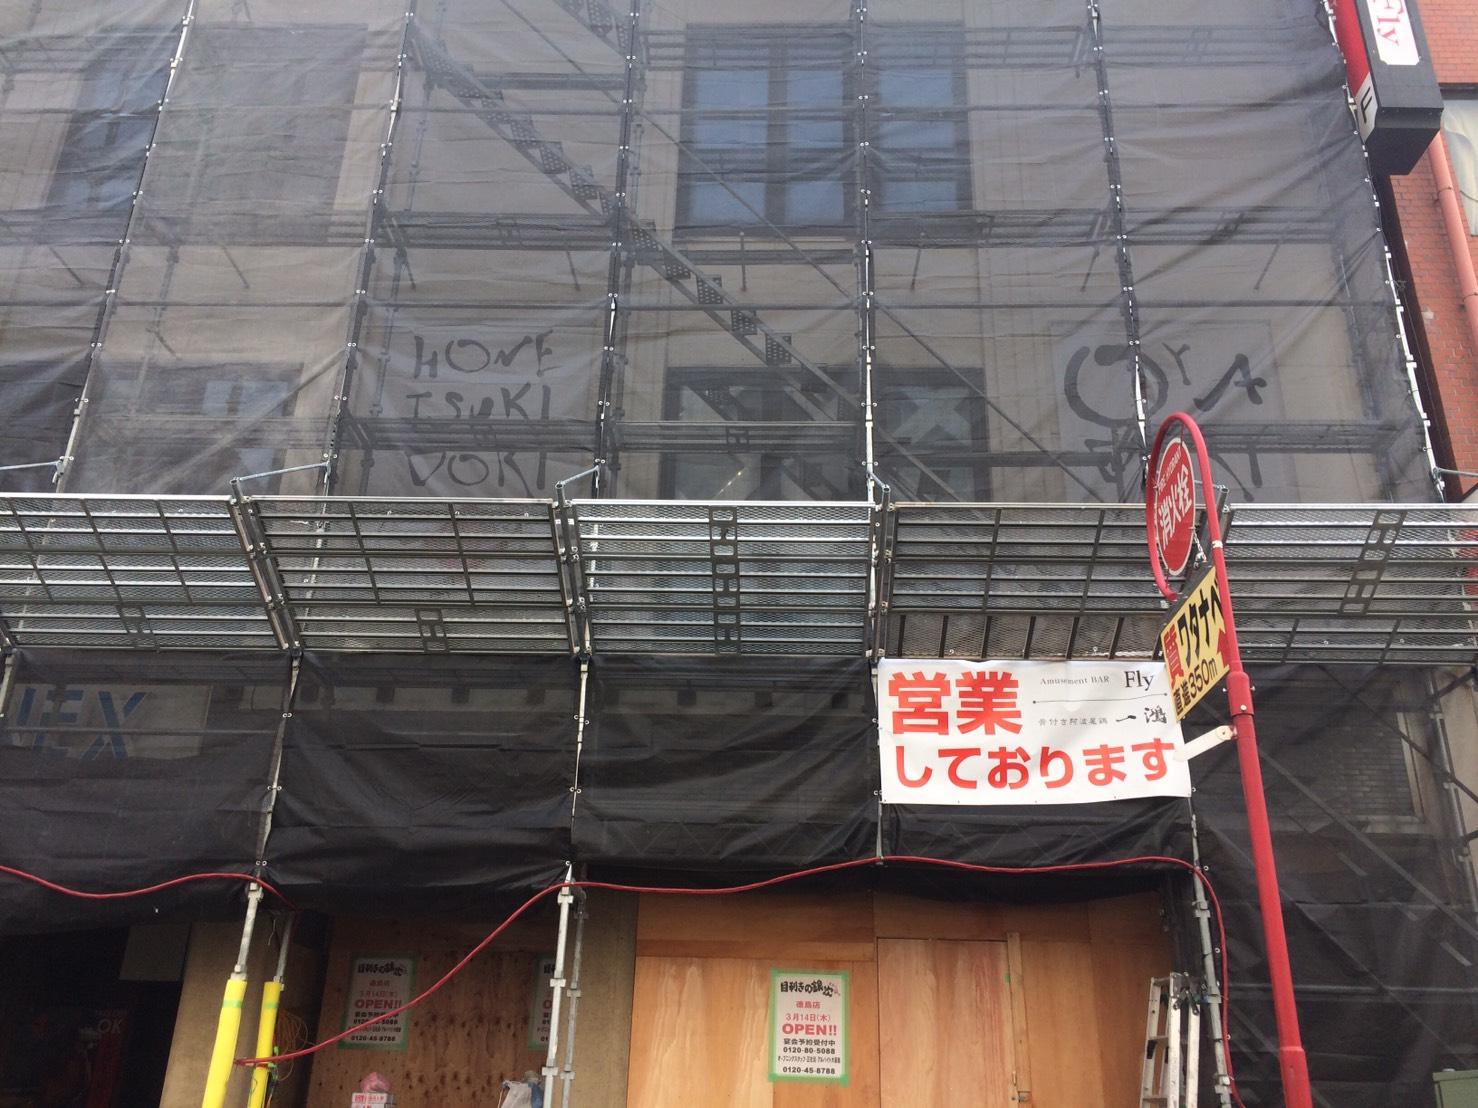 モンテローザ 目利きの銀次 徳島店